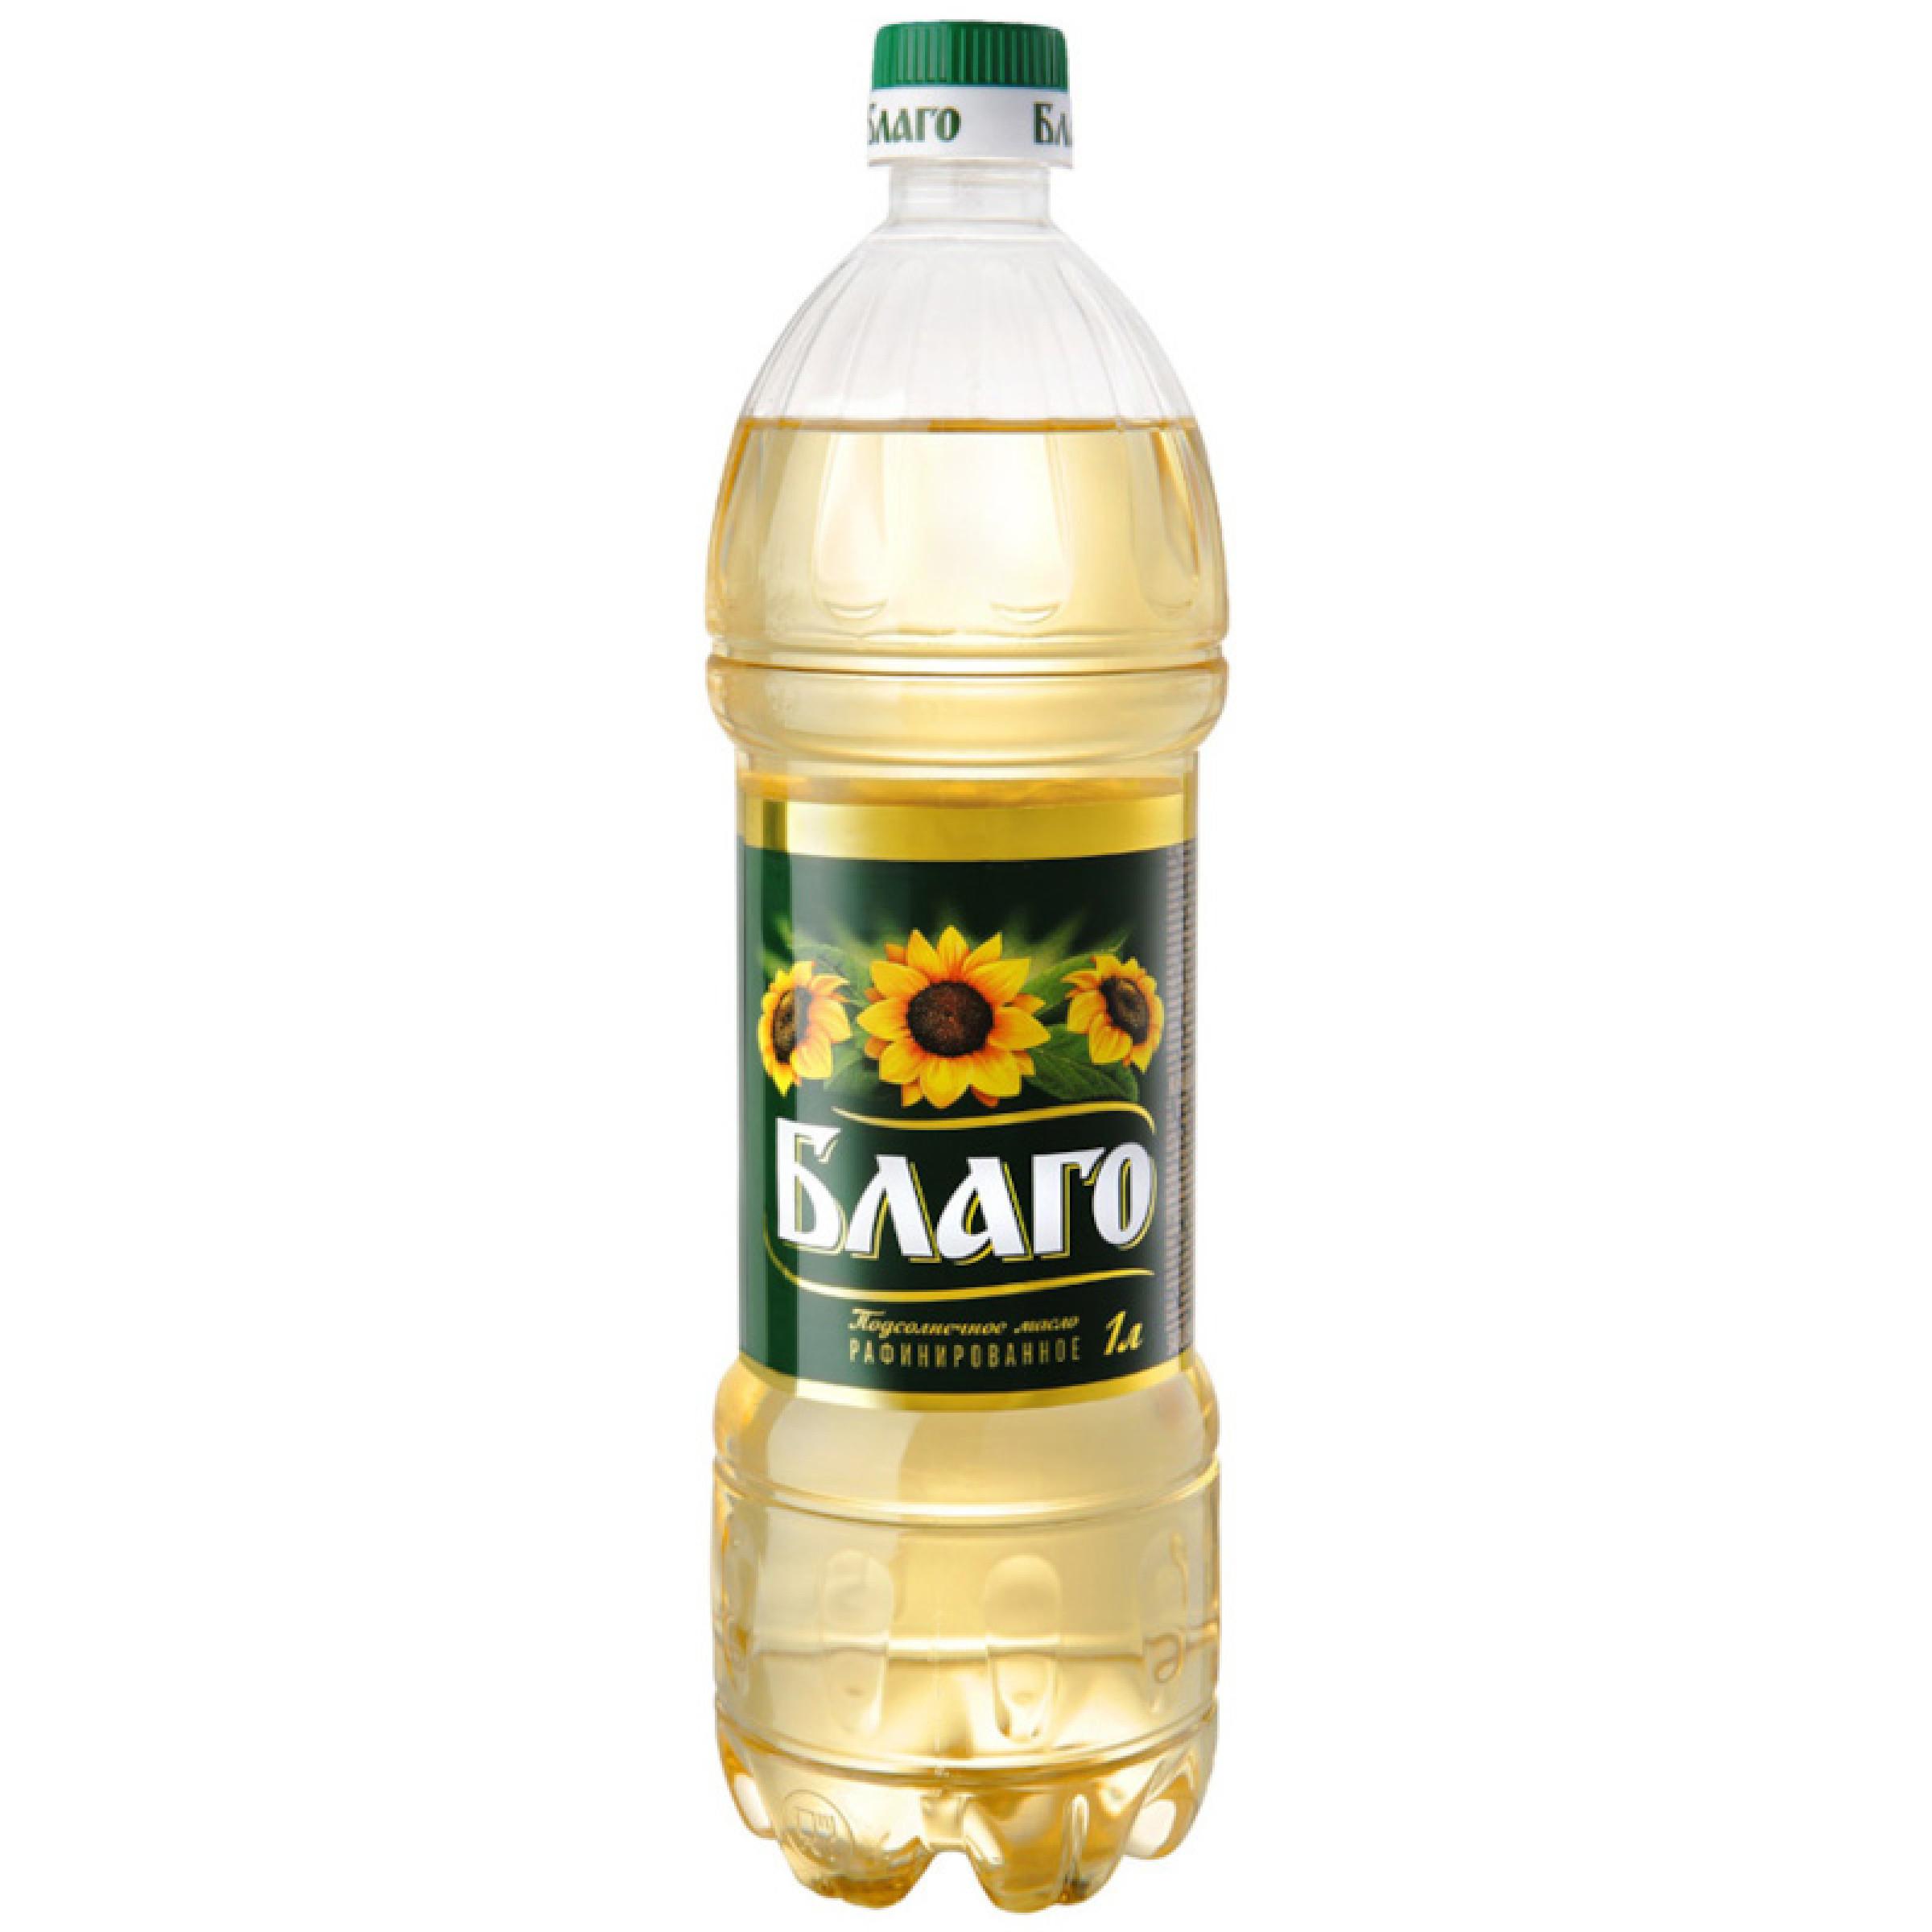 Масло премиум подсолнечное рафинированное дезодорированное Благо, 1л